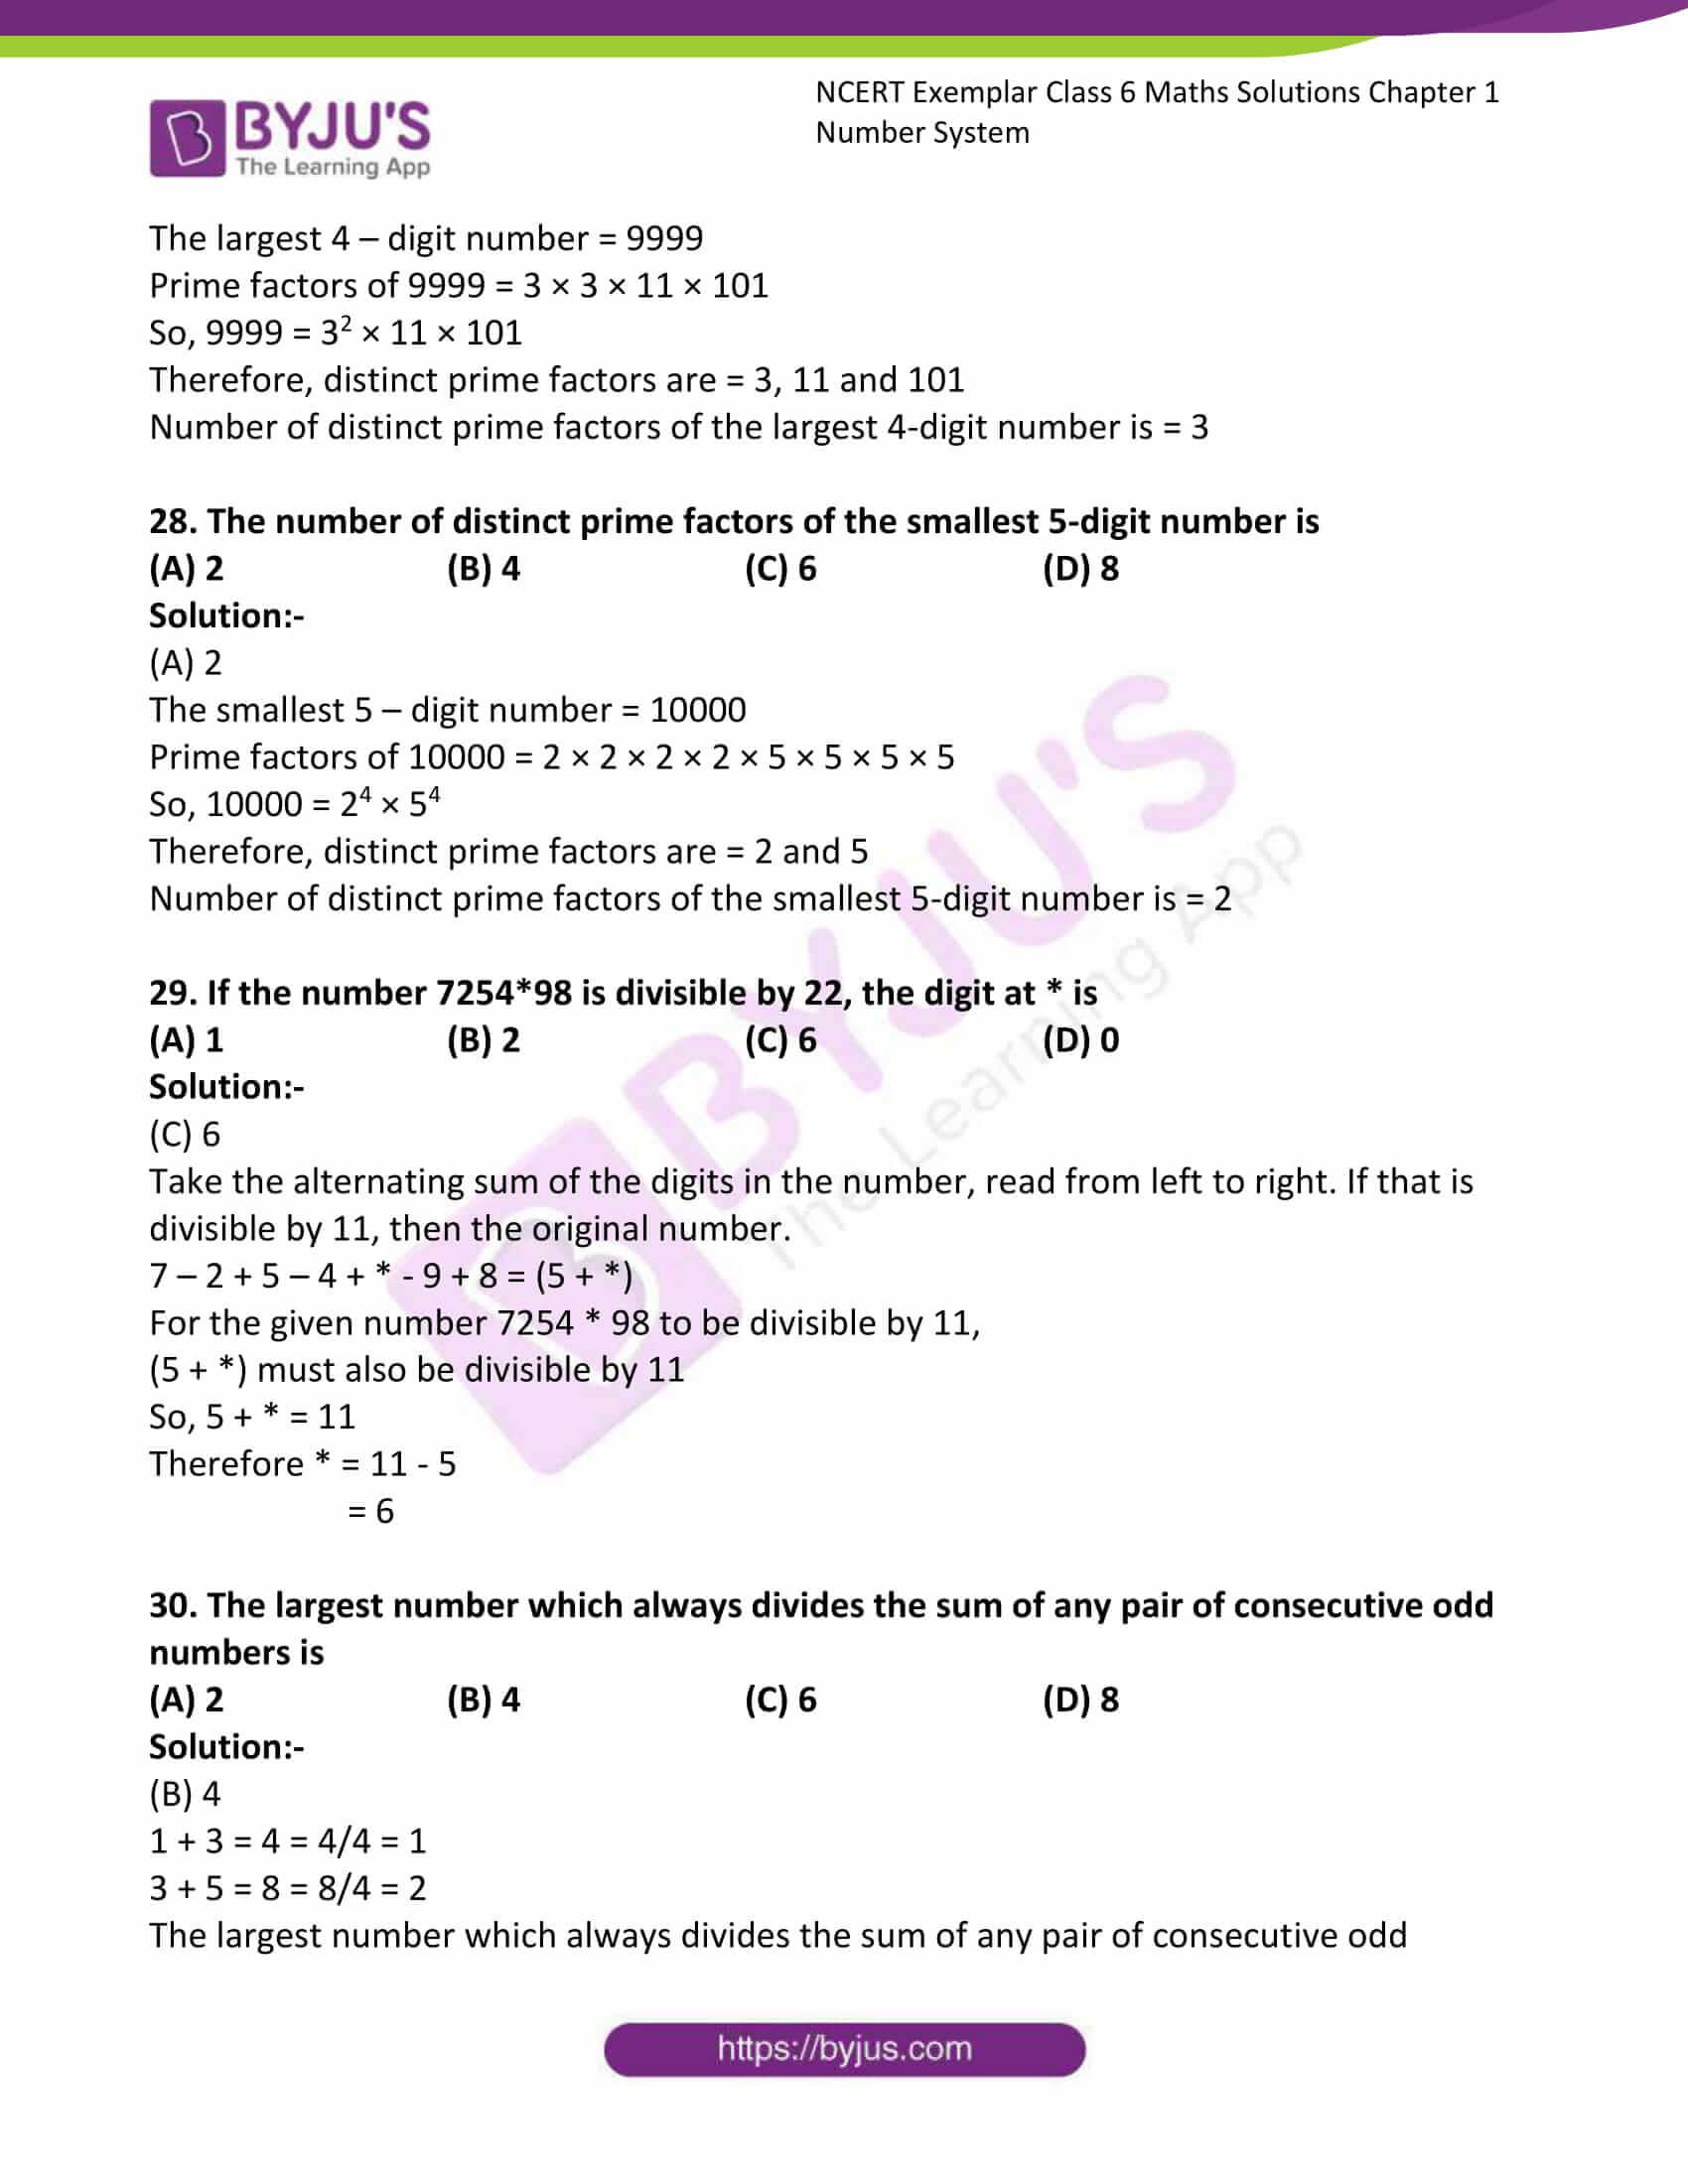 ncert exemplar class 6 maths sol ch 1 08